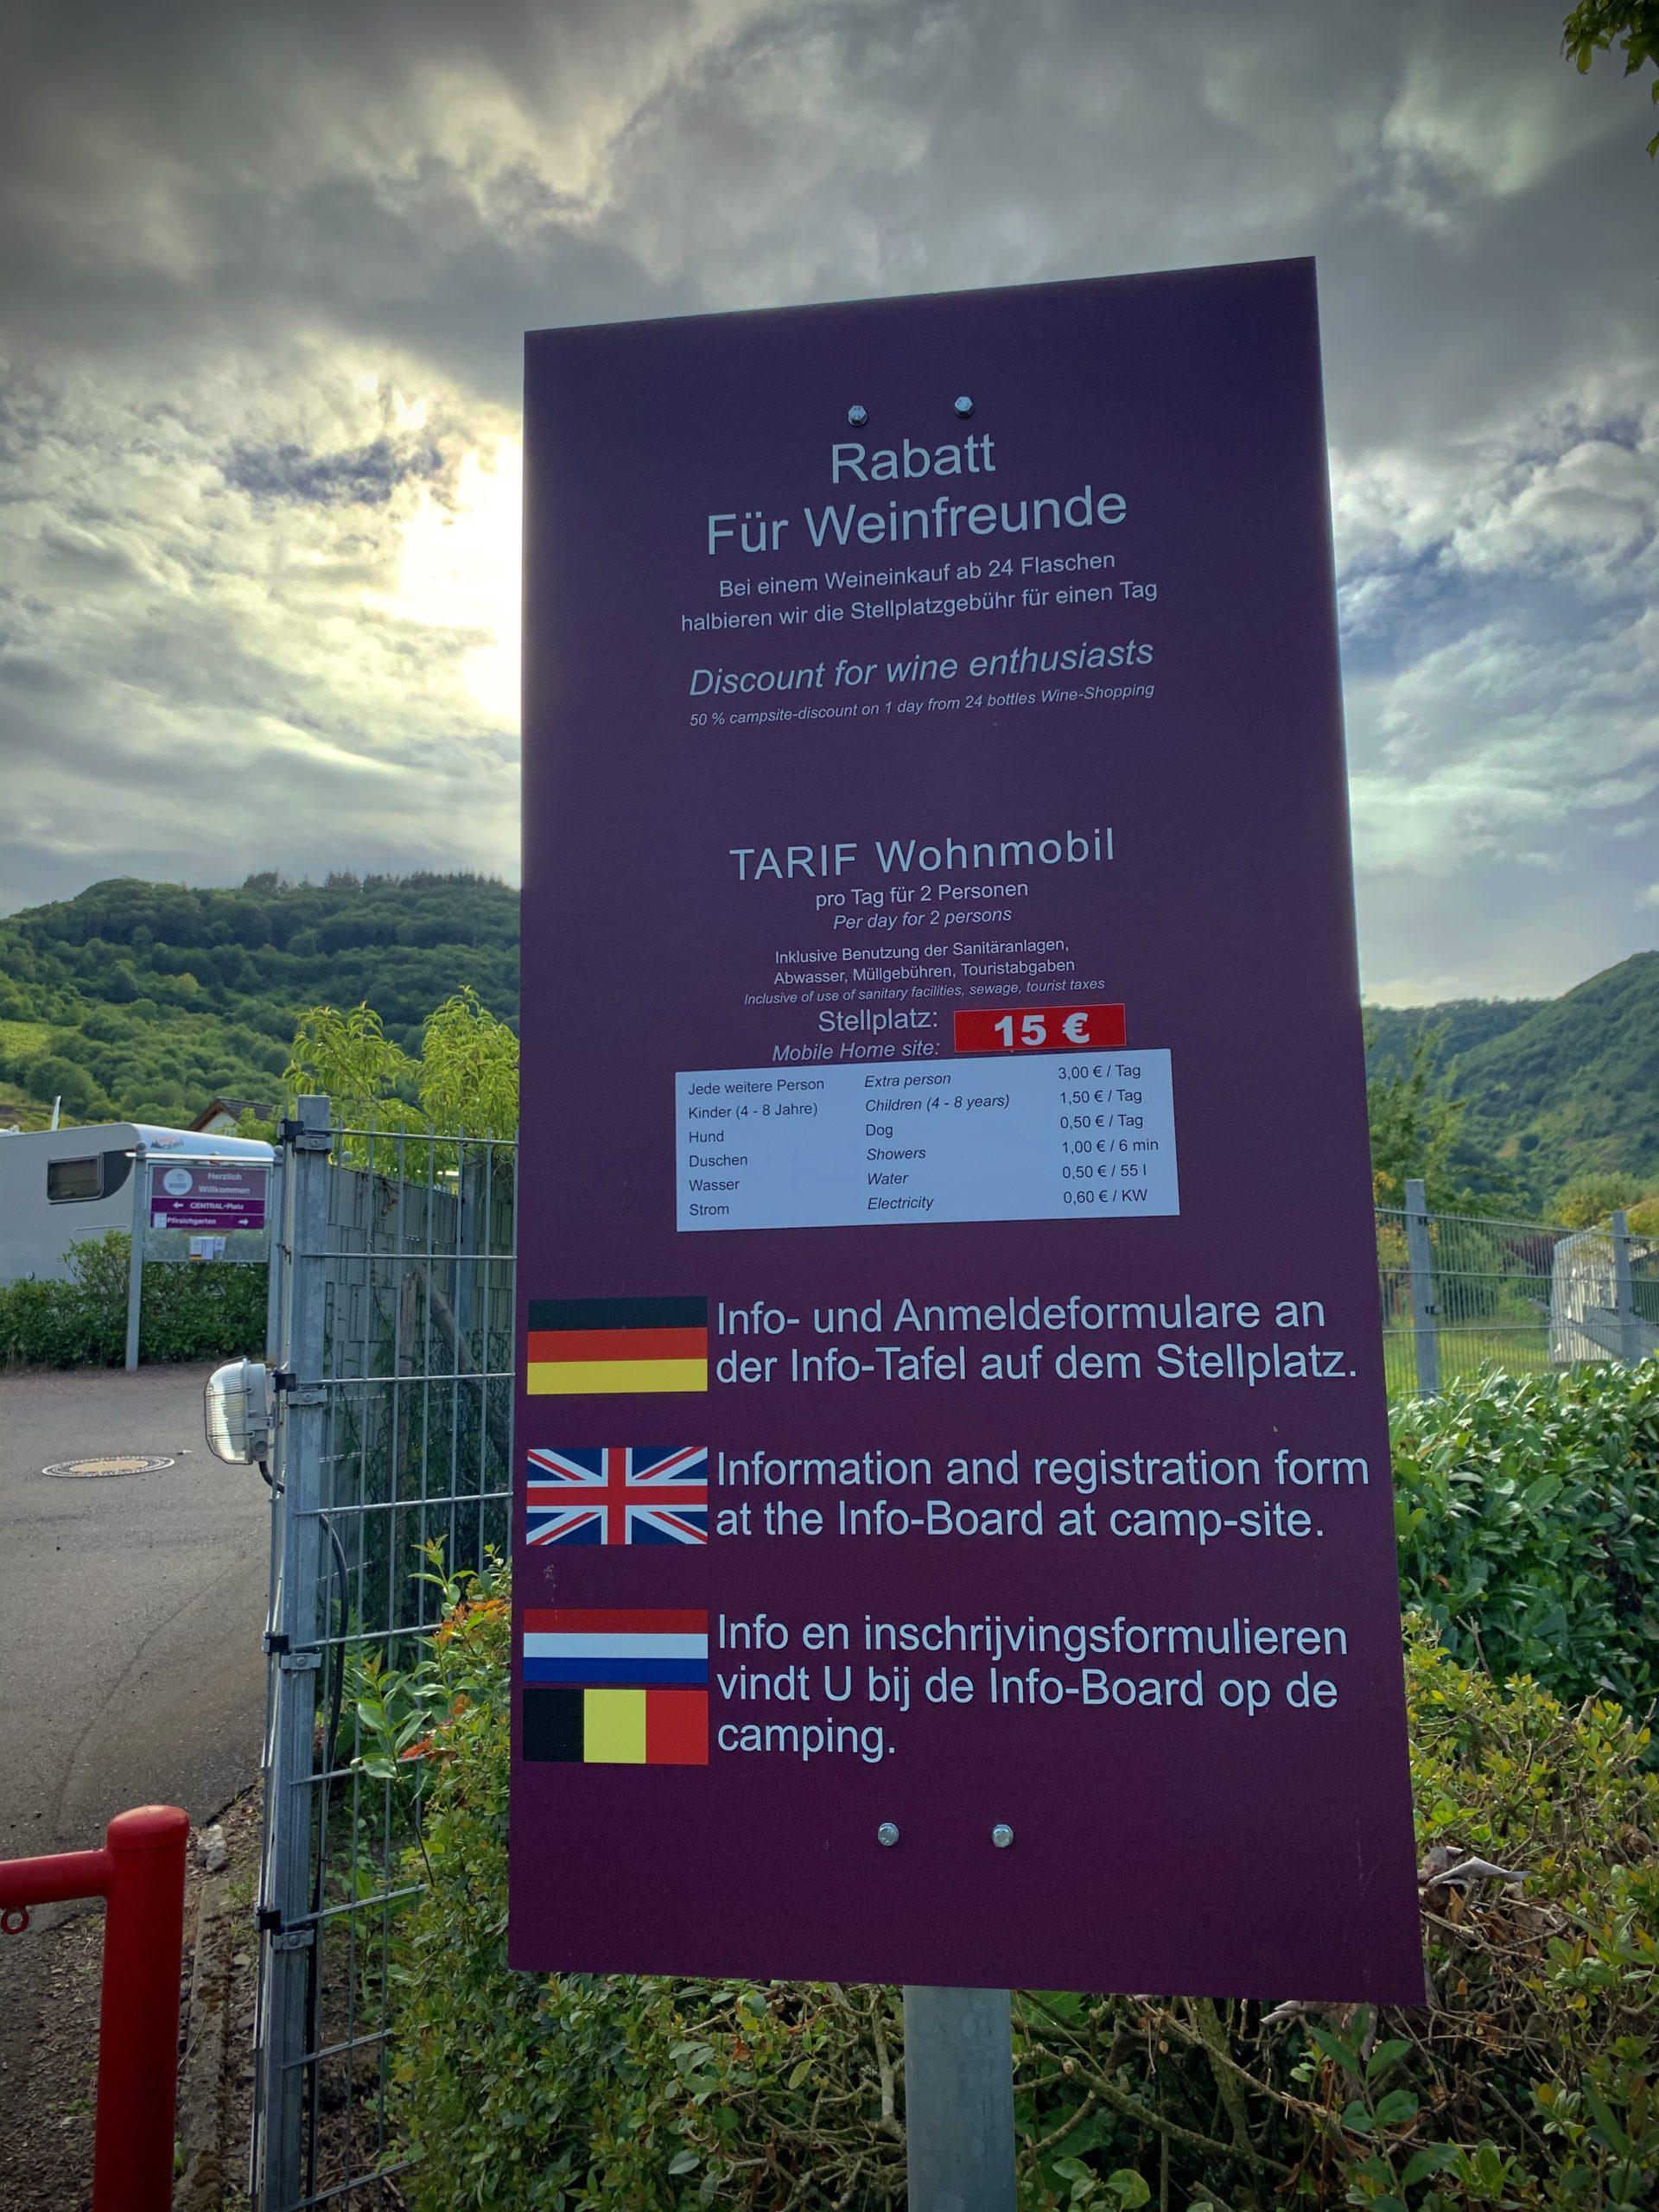 Wohnmobilstellplatz oster-franzen, Wohnmobilgarten Oster-Franzen: Stellplatz mit Rabatt für Weintrinker